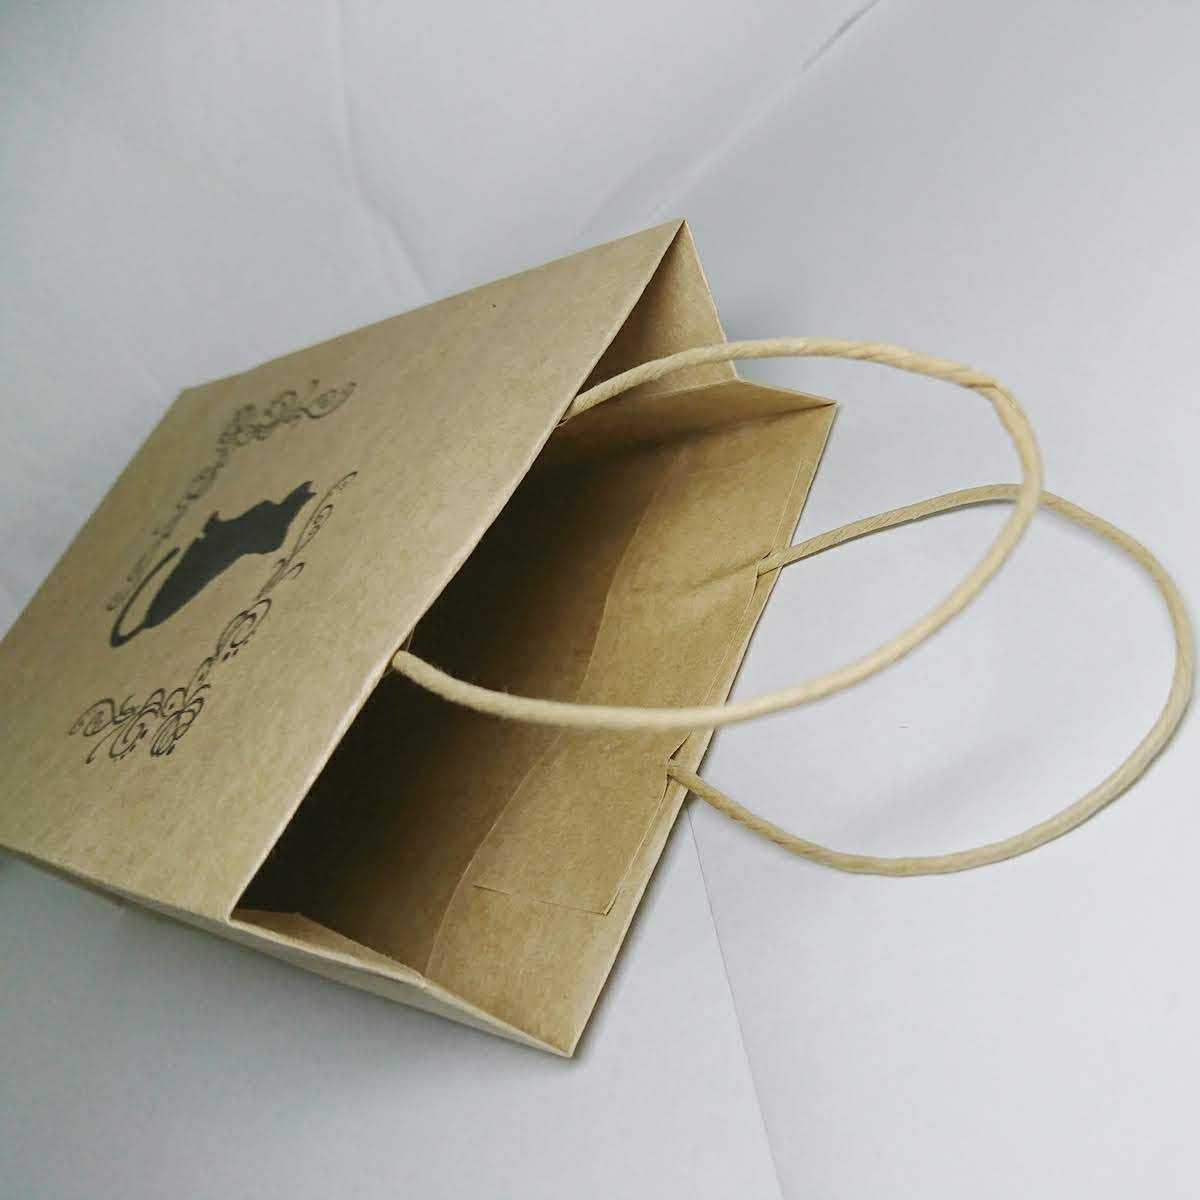 黒猫 クラフト紙袋 手提げ袋 ラッピング袋 プチギフト ペーパーバッグ お礼 ハンドメイド 包装 6枚 _画像2